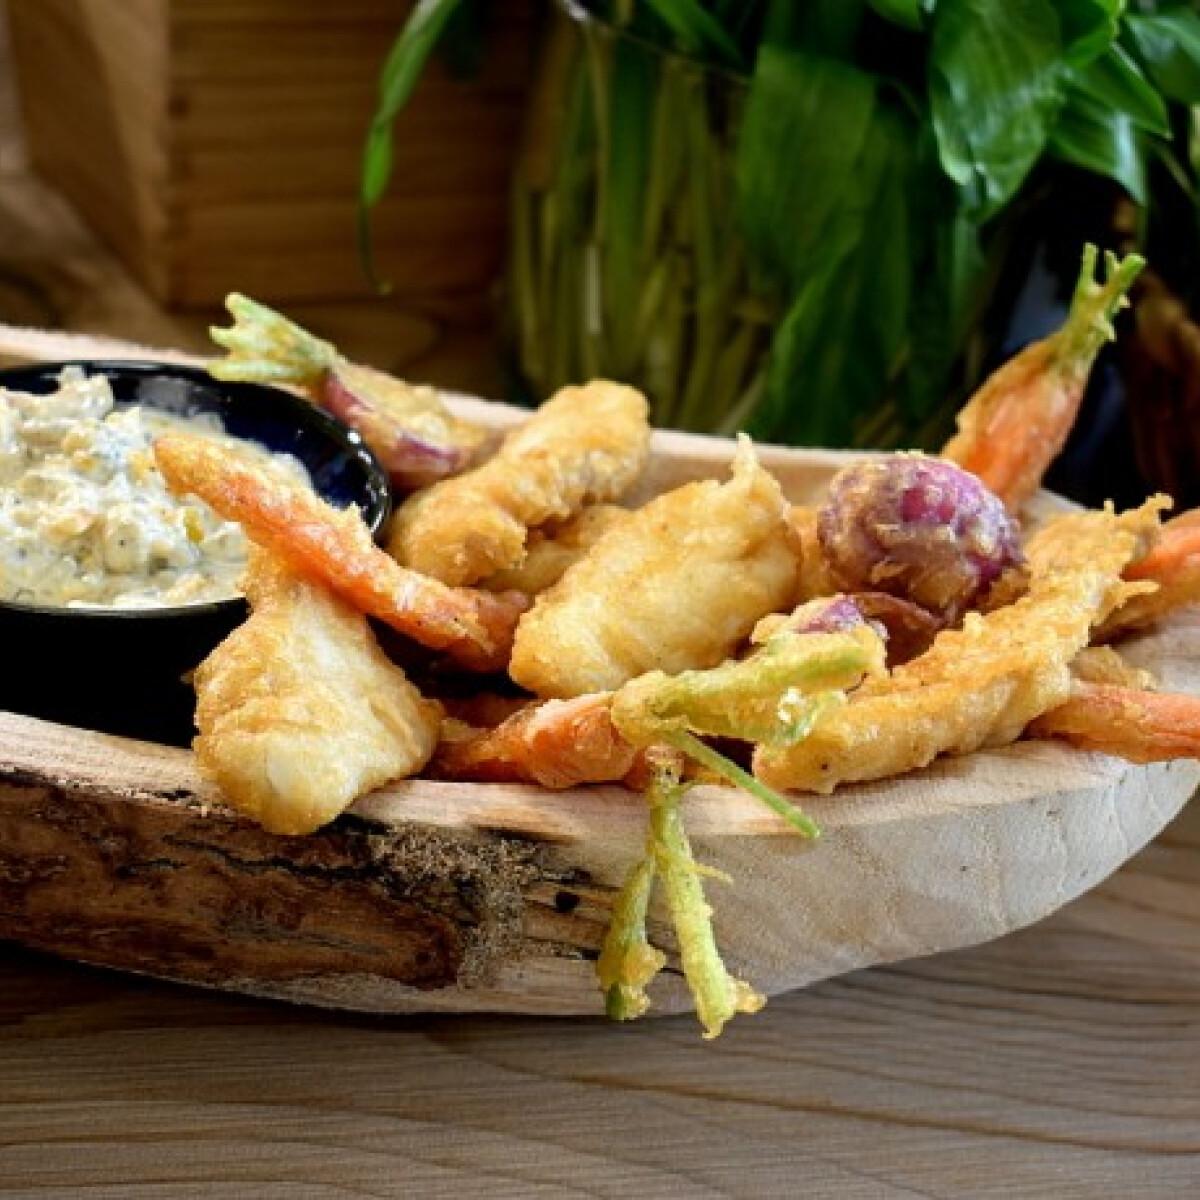 Ezen a képen: Tempurázott zöldségek és tengeri hal remuláddal